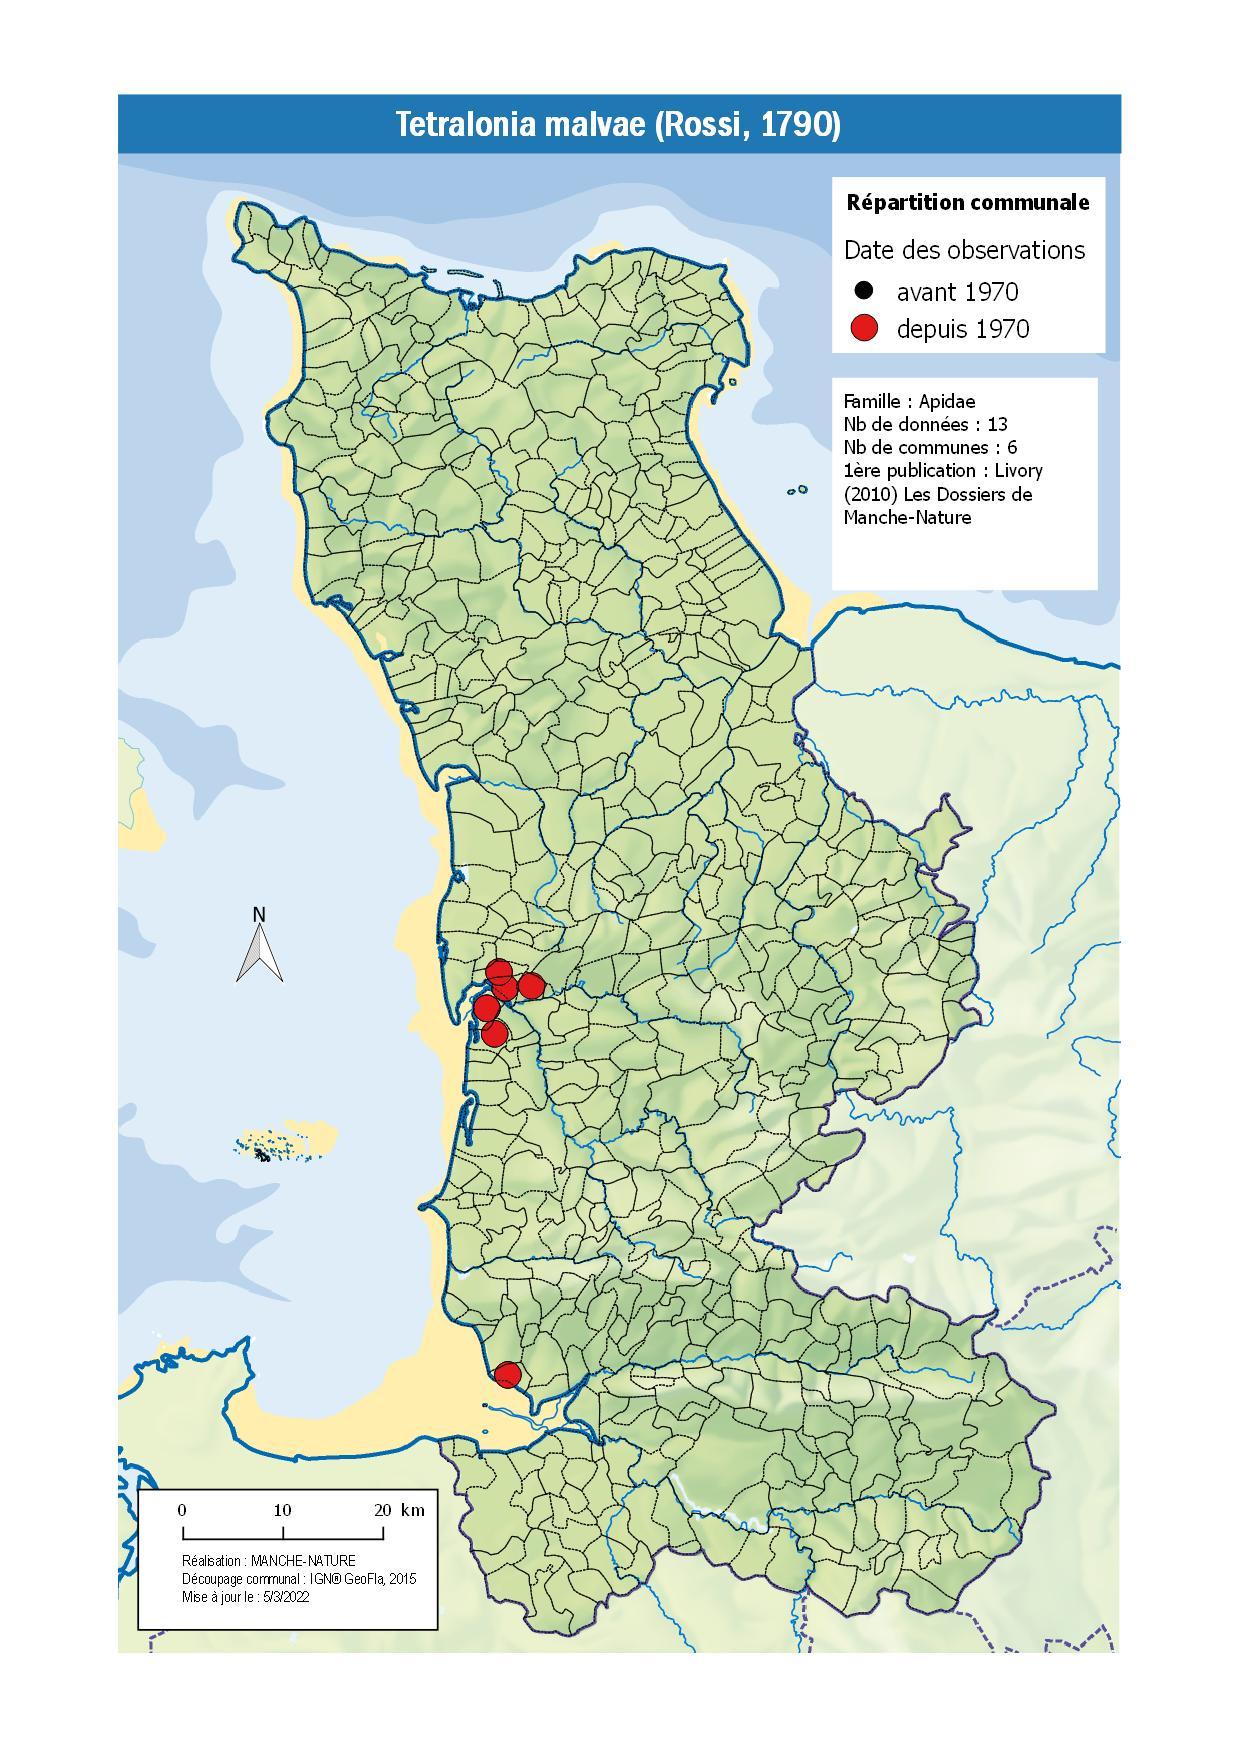 tetralonia-malvae-rossi-1790